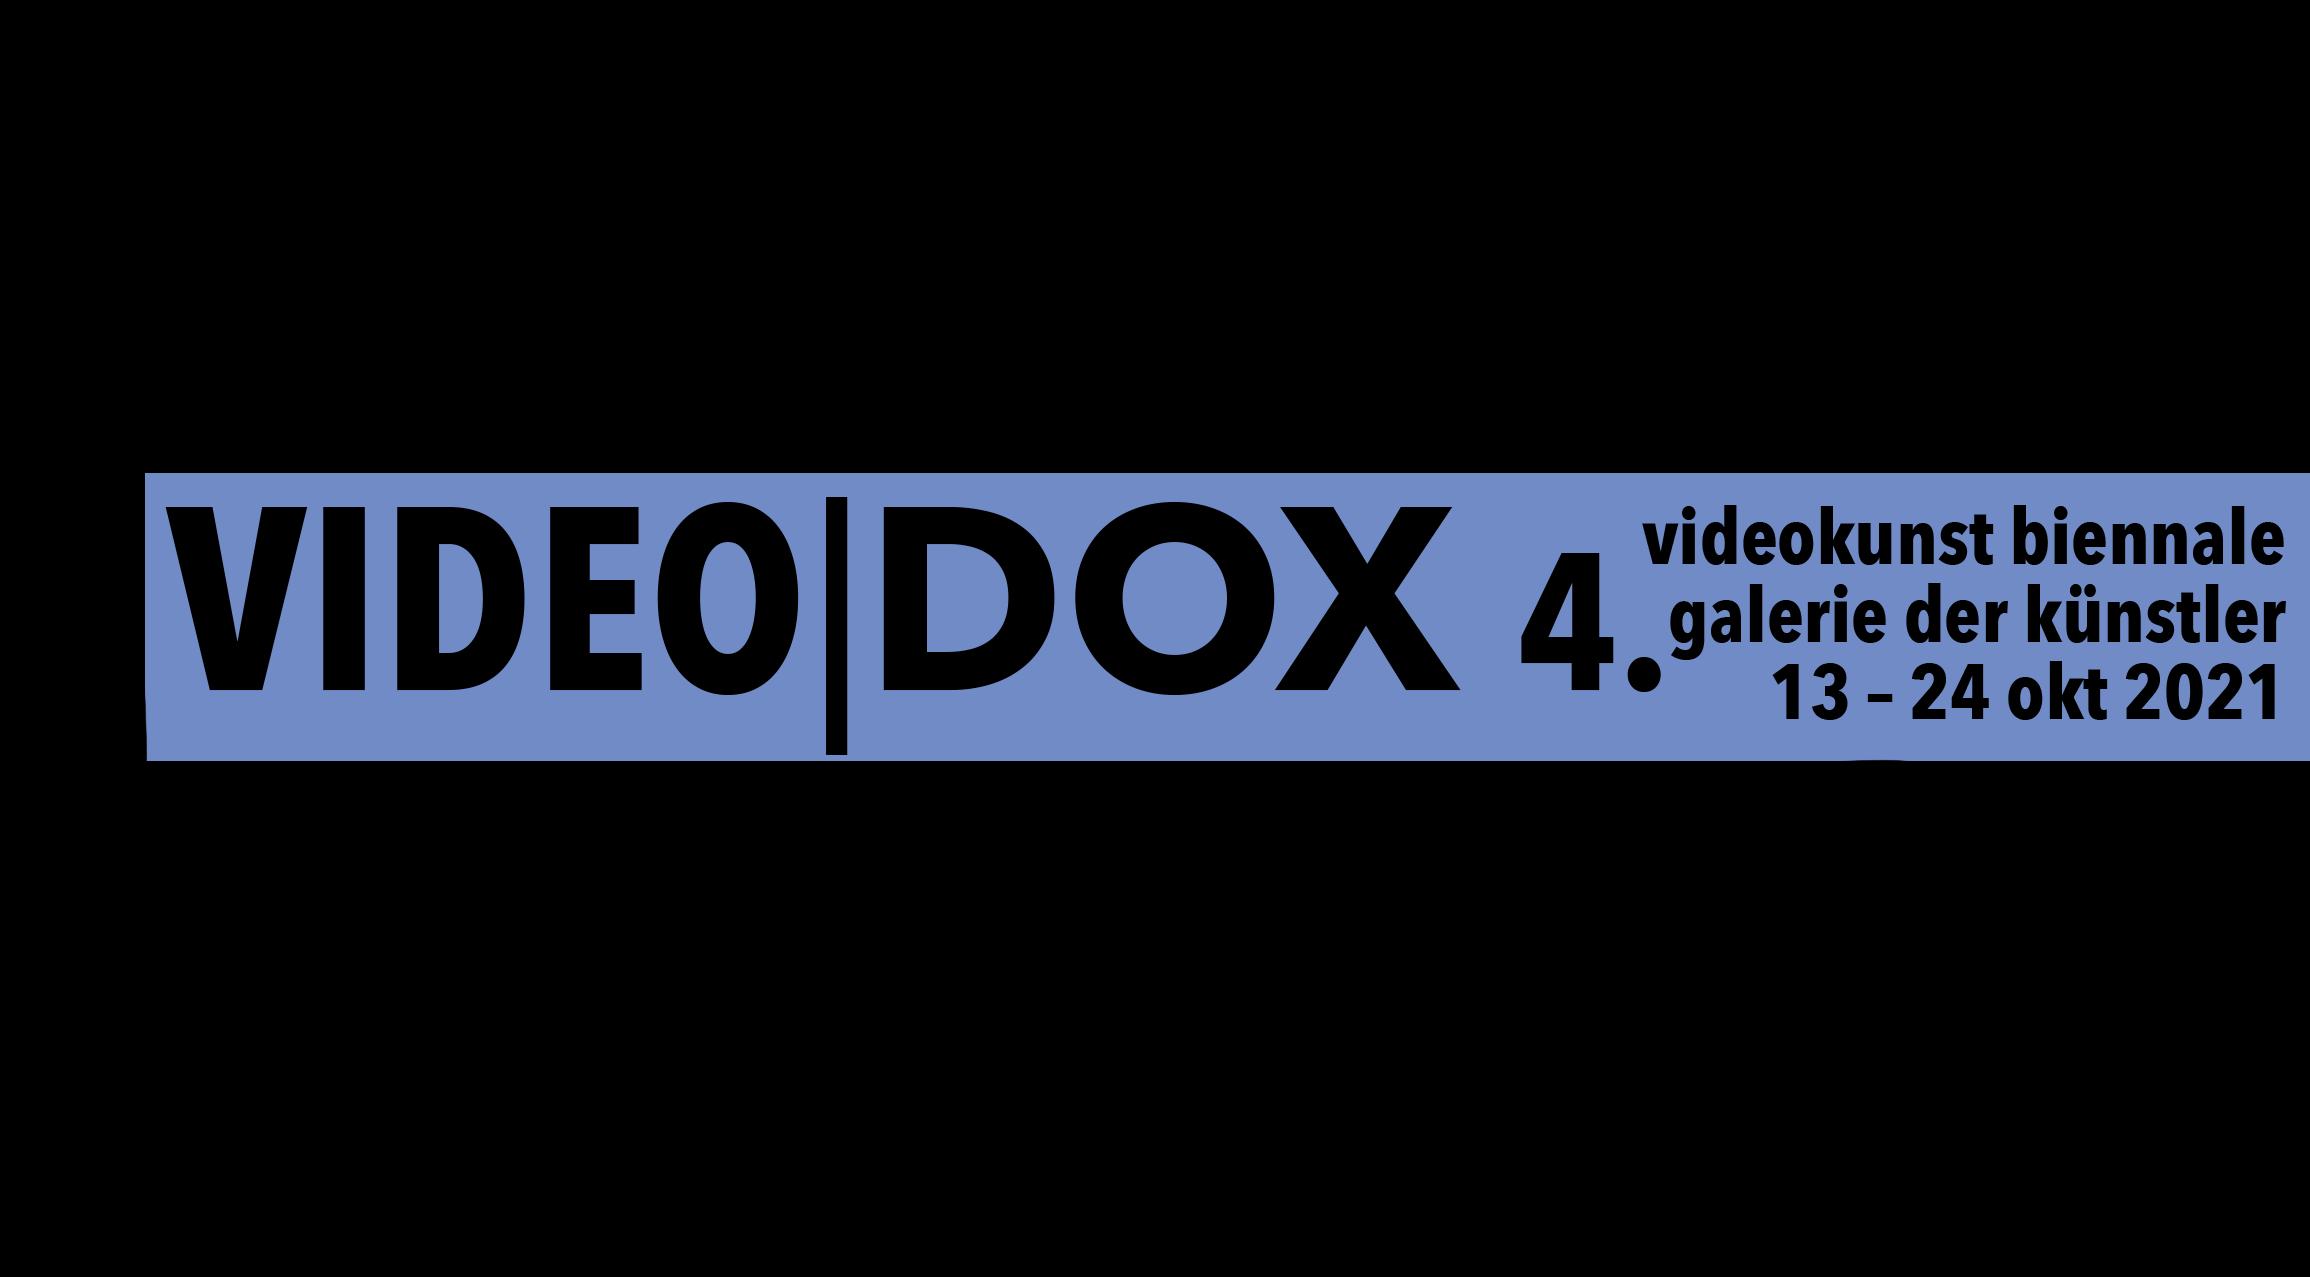 VIDEODOX - 4. Videokunst-Biennale - München